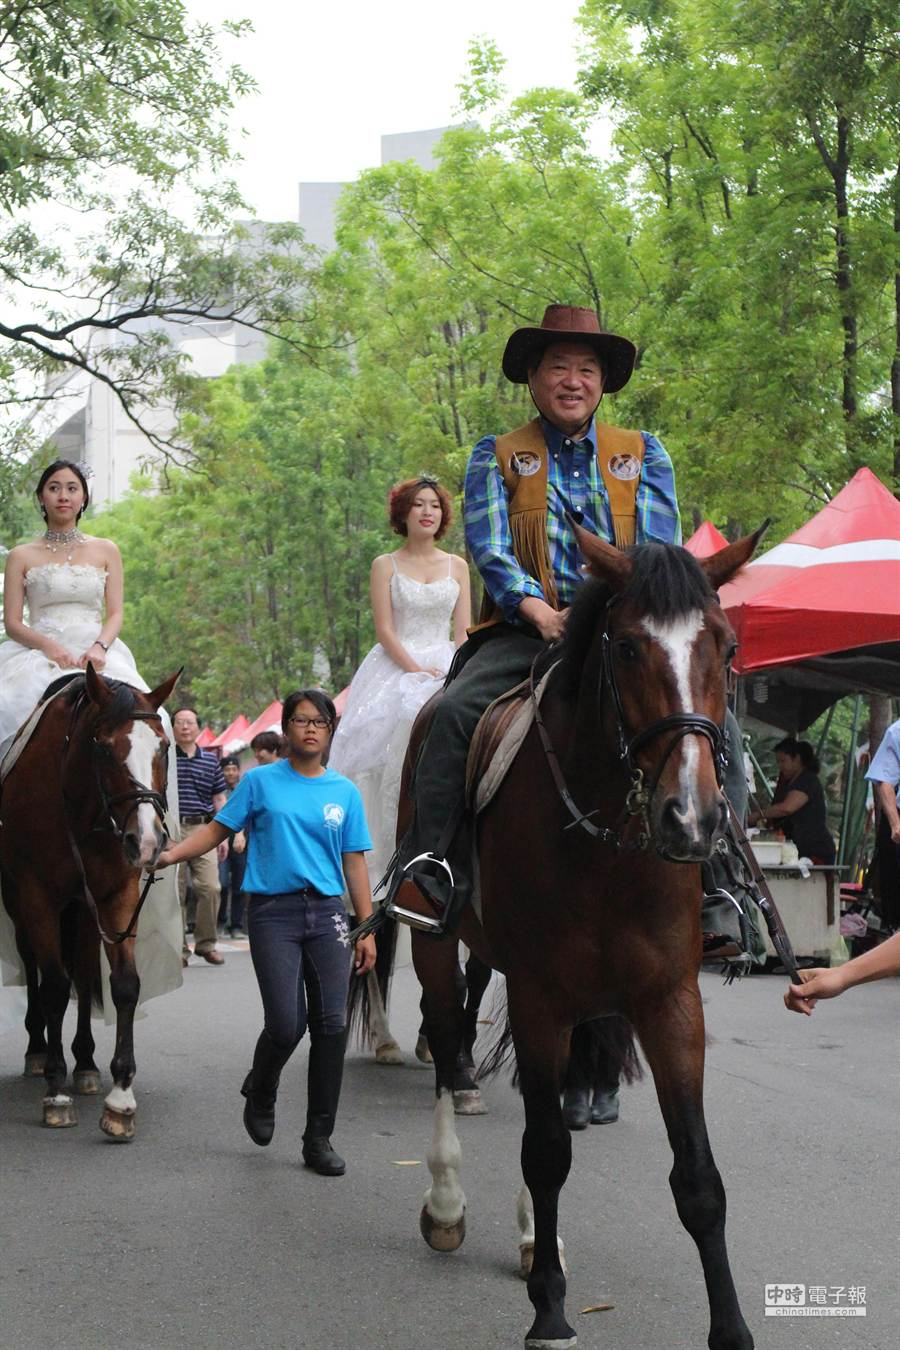 正修科大校長龔瑞璋今天騎馬,預祝學生「馬」上成功。(連冠寧攝)